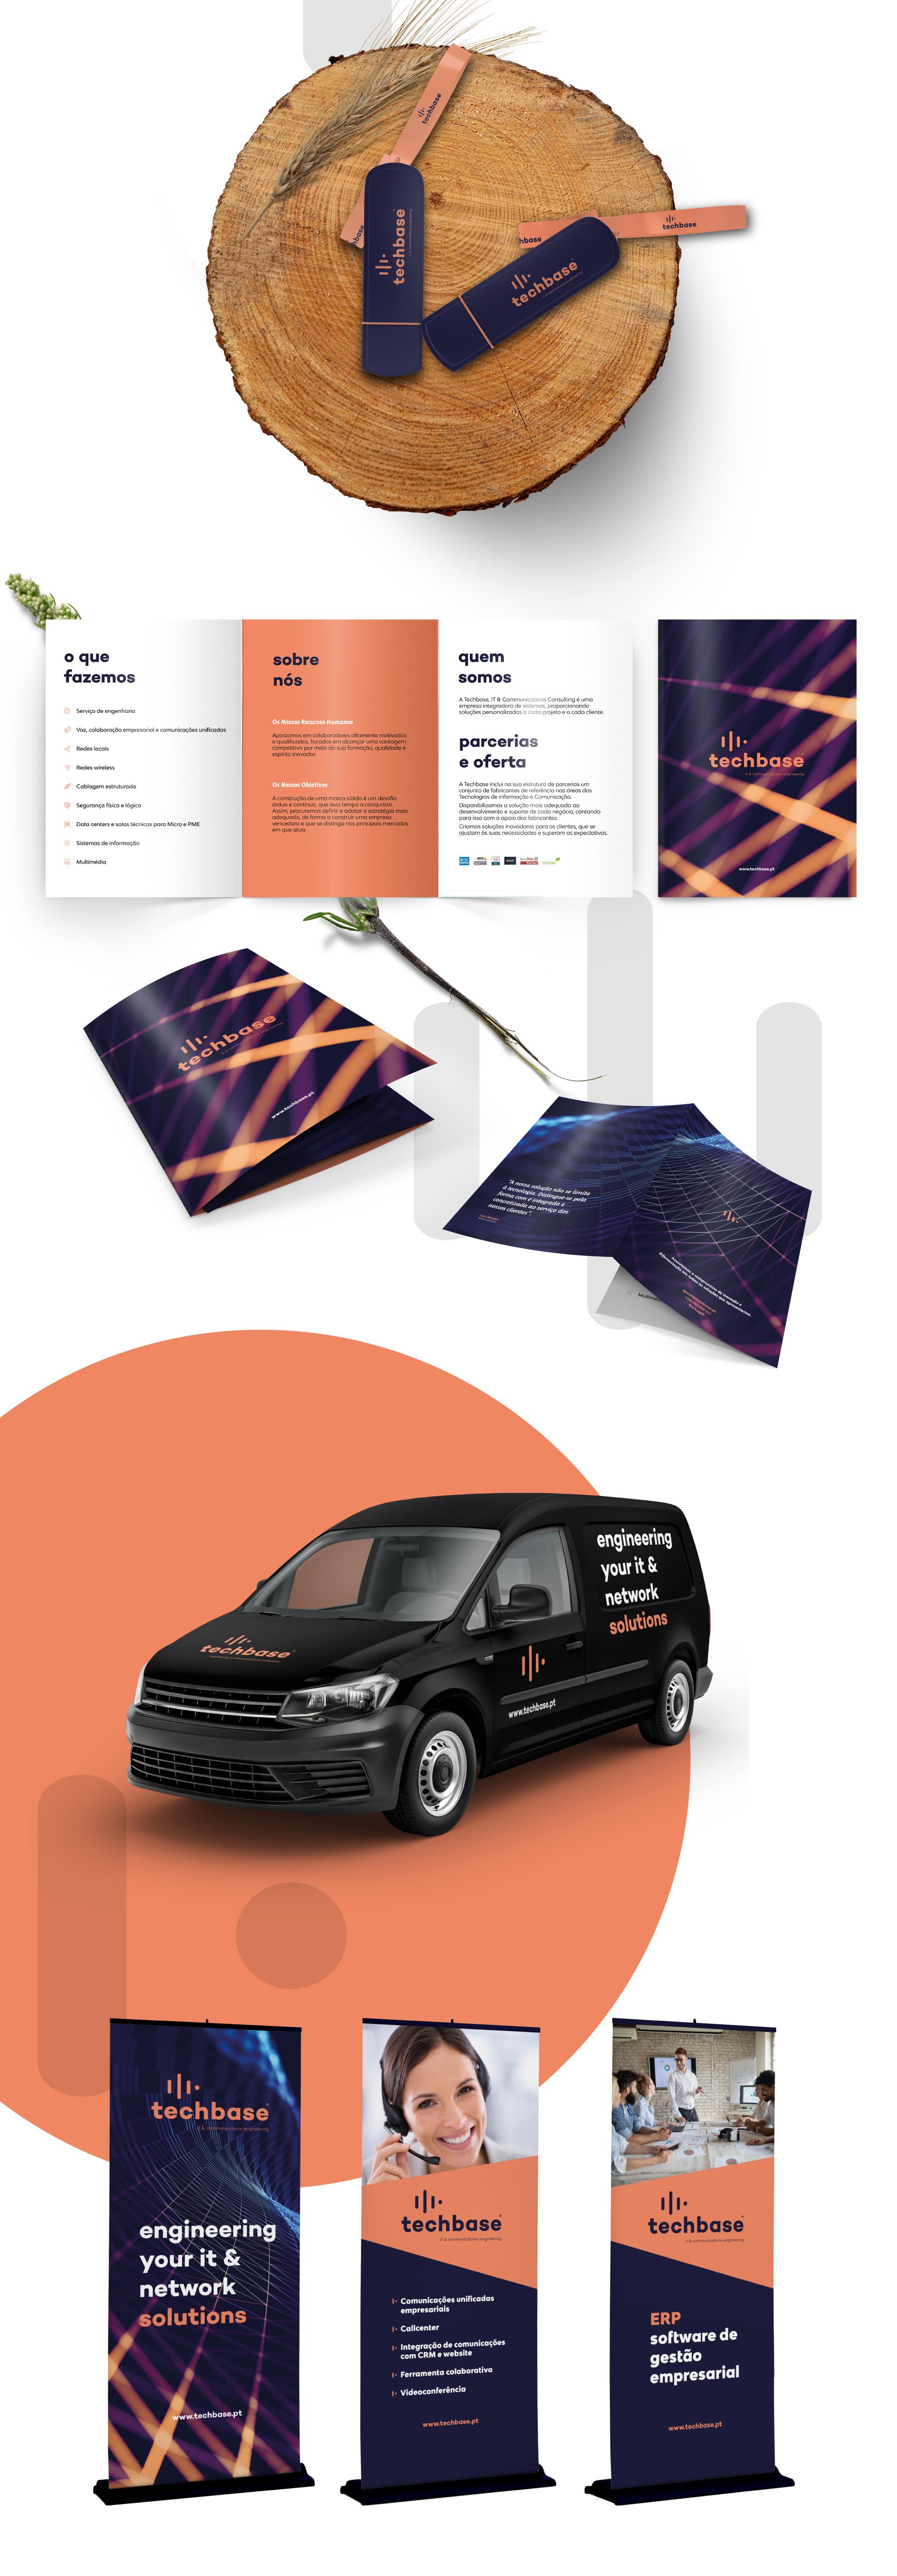 Exemplos do trabalho de branding desenvolvido pela UNIFY para a empresa Techbase - logo, viaturas, roll up